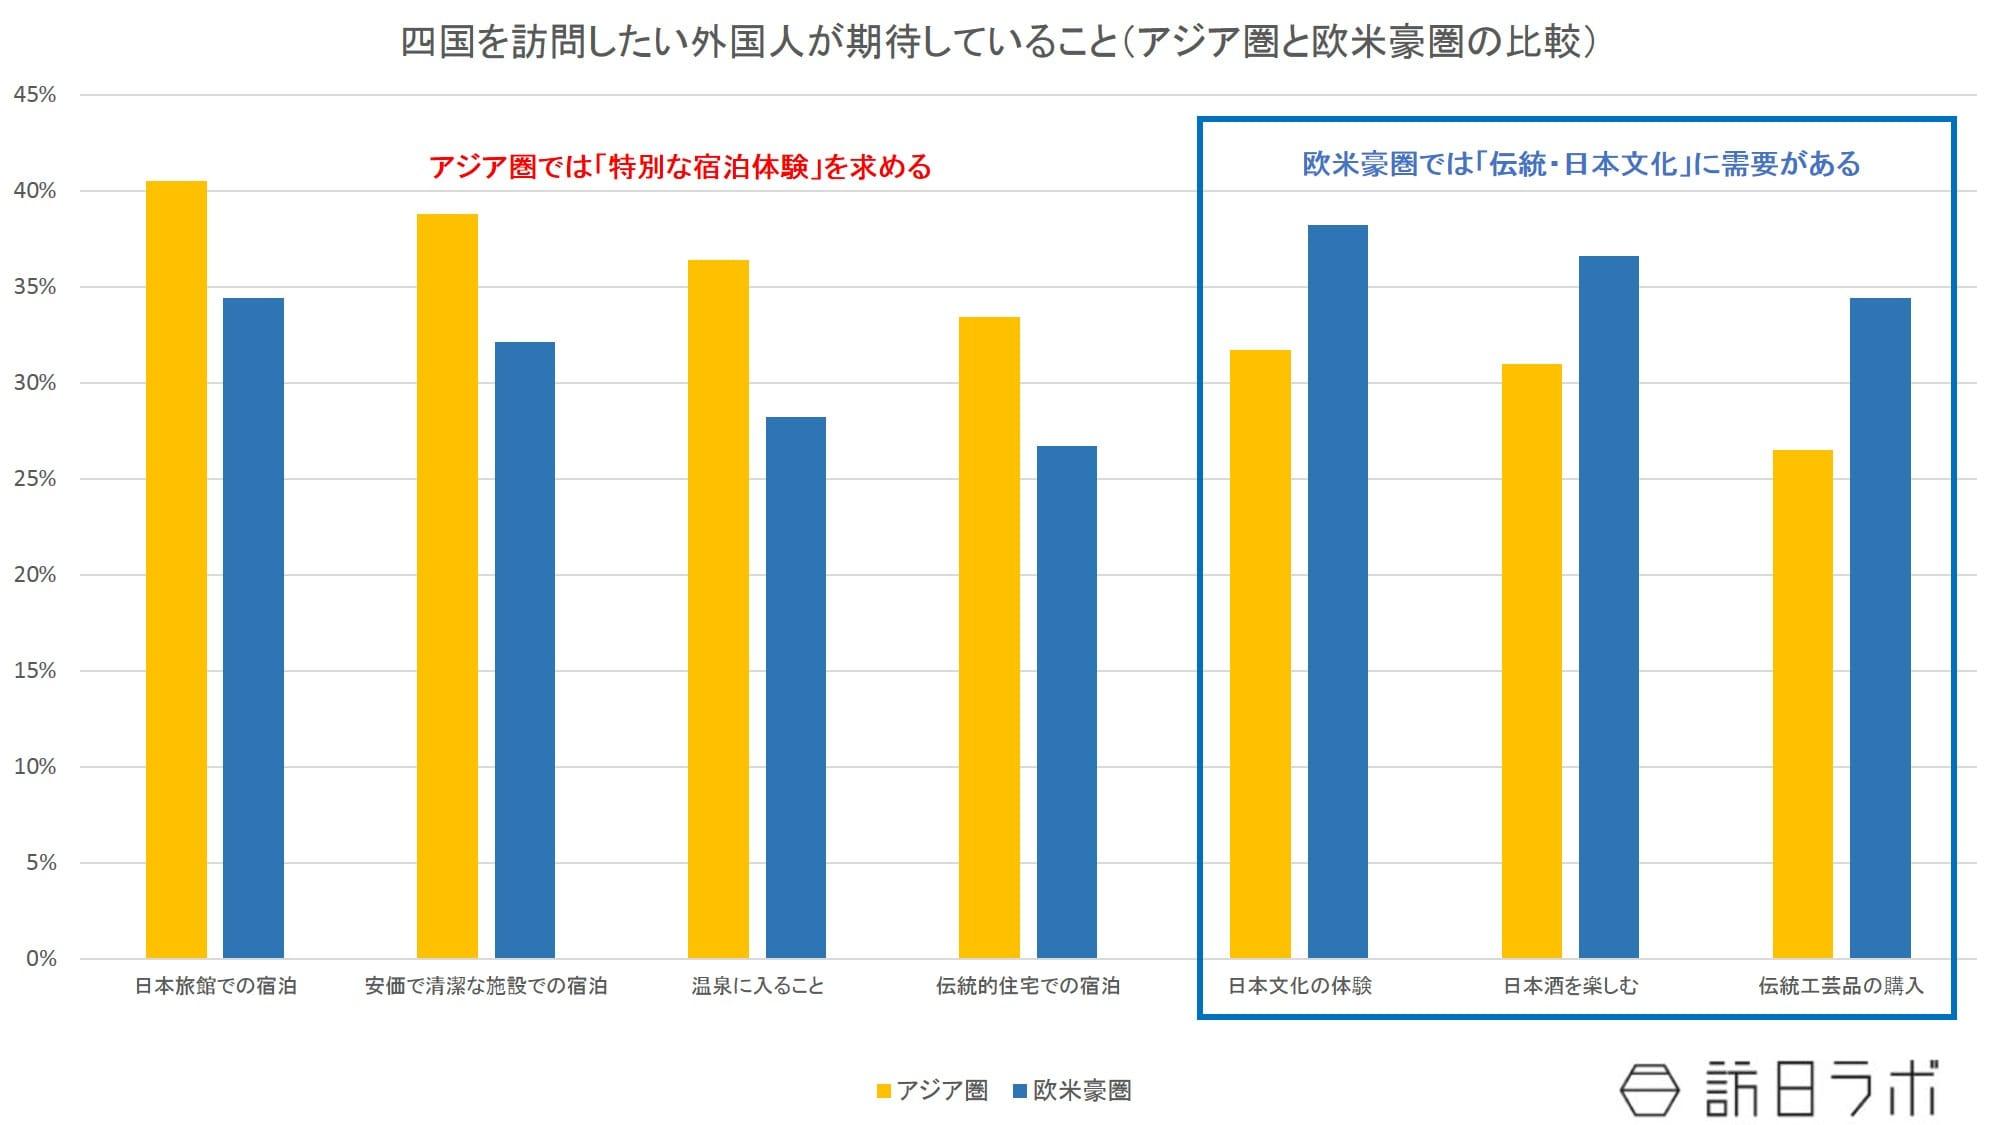 四国訪問希望者が四国で期待すること・地域別:日本政策投資銀行「四国のインバウンド観光動向-DBJ/JTBFアジア・欧米豪訪日外国人旅行者の意向調査(平成28年度版)結果等から-」より数値をグラフ化